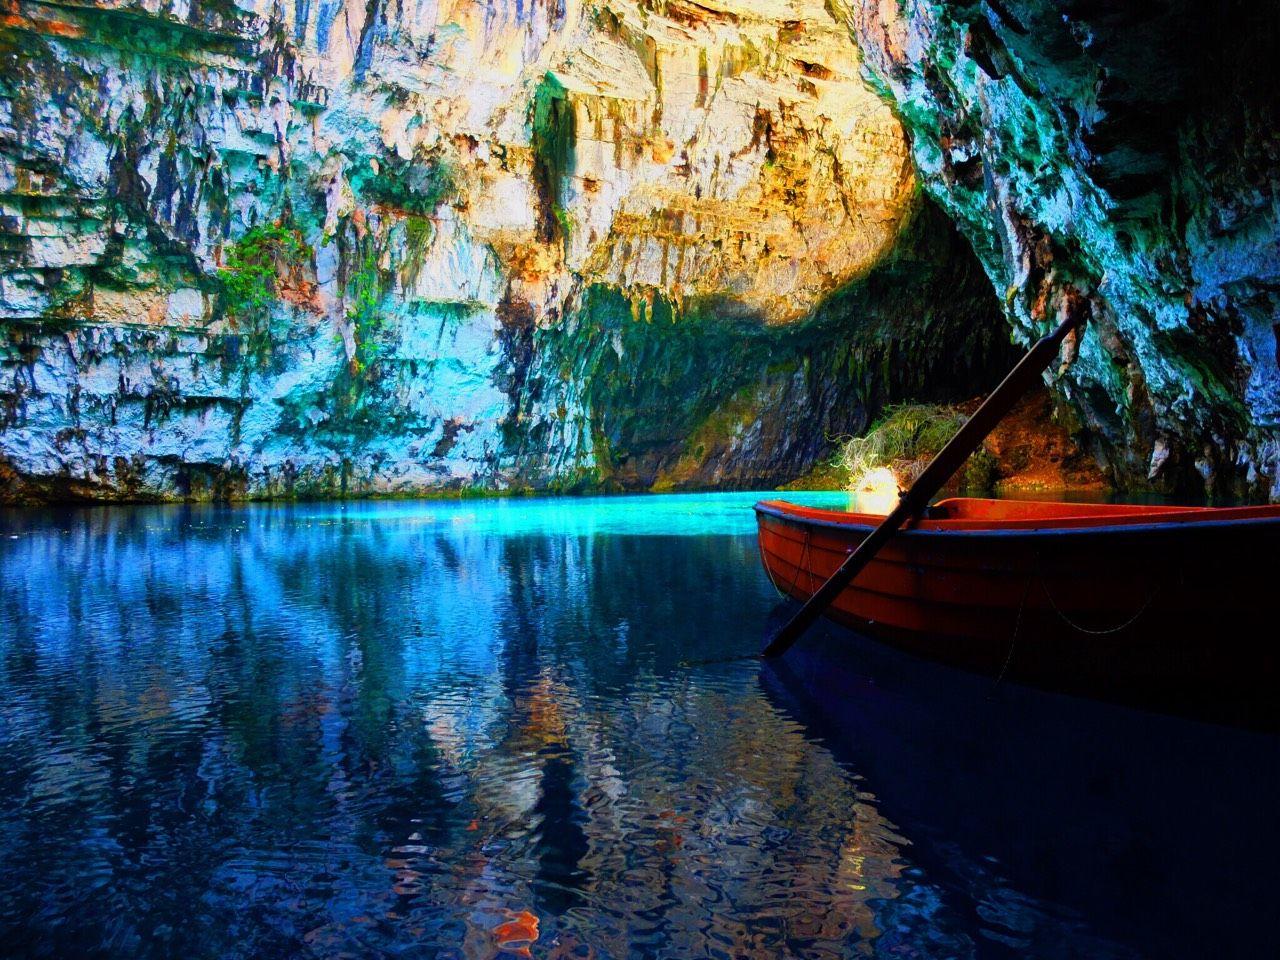 数千年前の驚異の地底湖「メリッサニ洞窟」